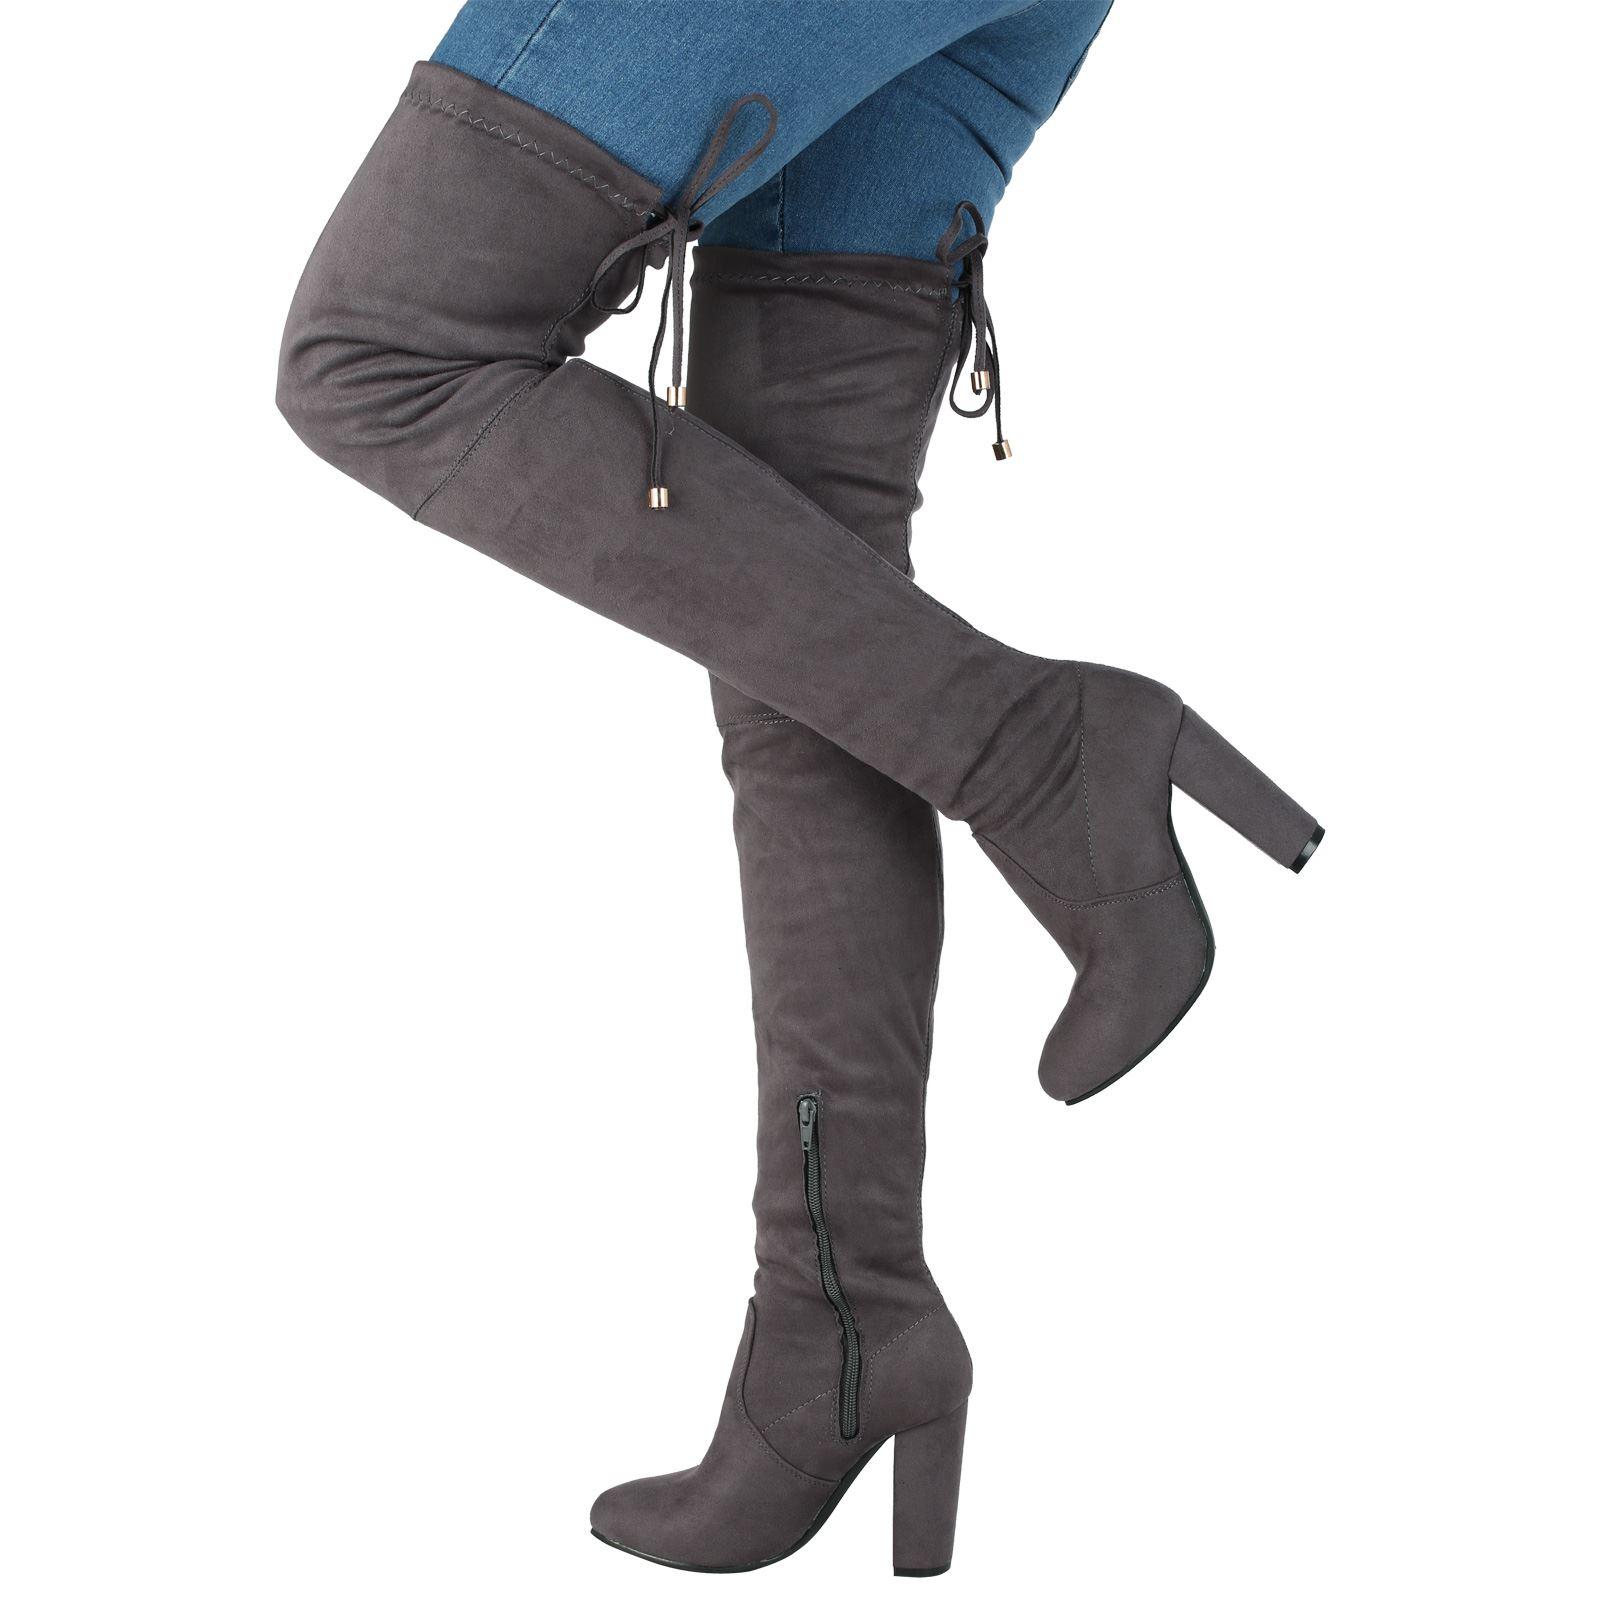 Jazz-Mujer-Medio-Alto-Tacon-en-bloque-POR-ENCIMA-DE-RODILLA-Corbata-arriba-Botas